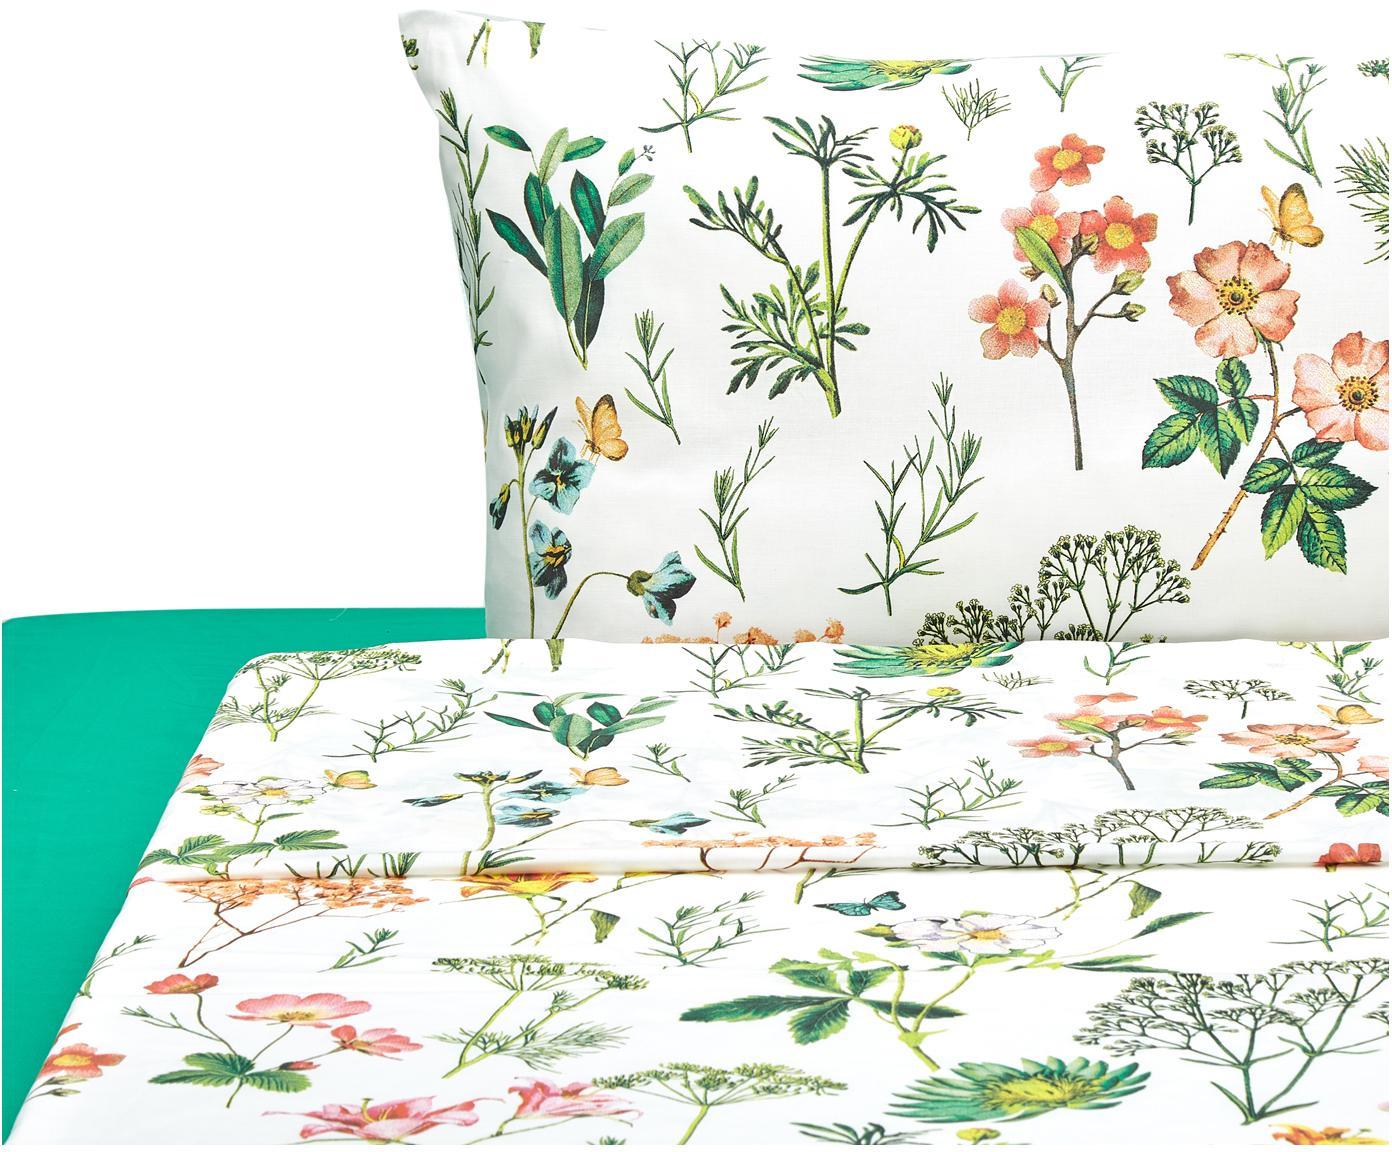 Completo letto Botanico, Cotone, Bianco, verde, multicolore, 195 x 280 cm